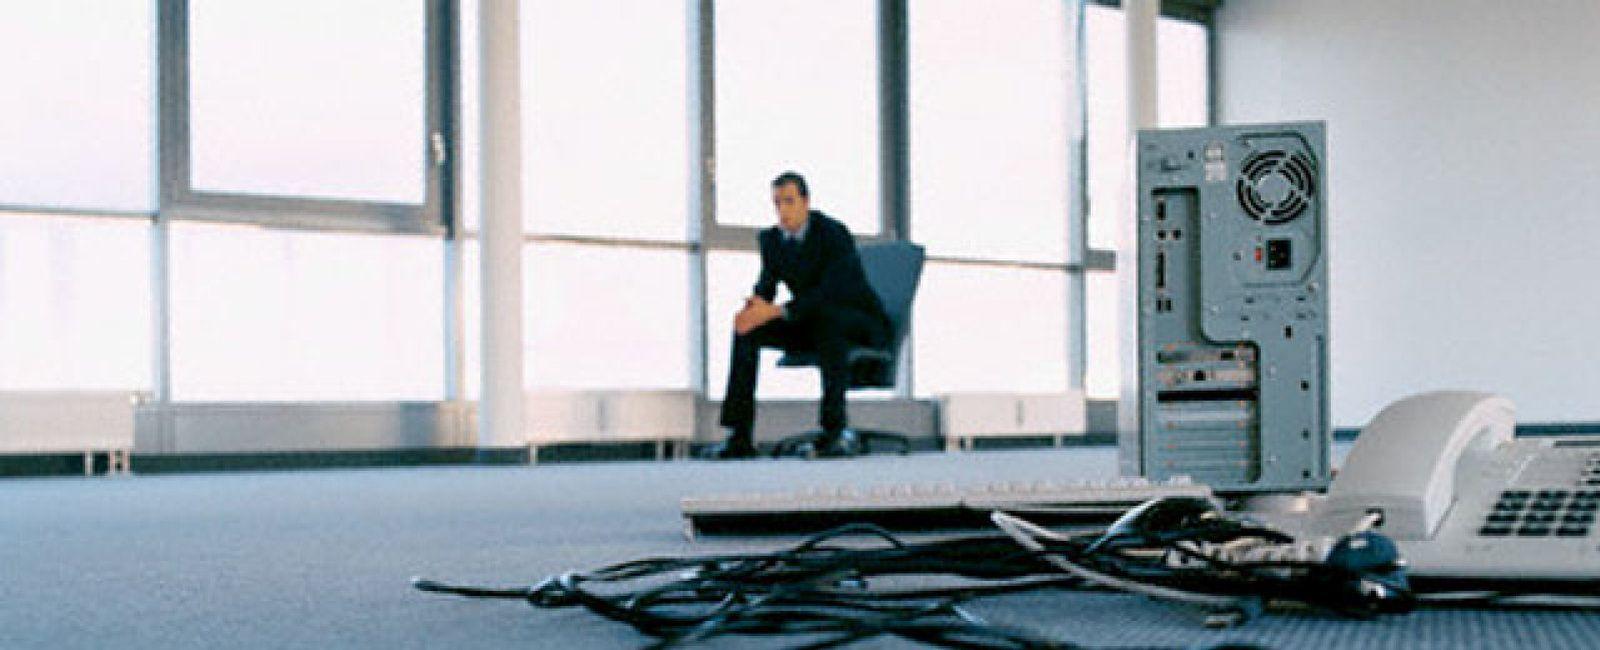 Foto: España baja de los 3 millones de autónomos y ahoga la posibilidad de crear empleo